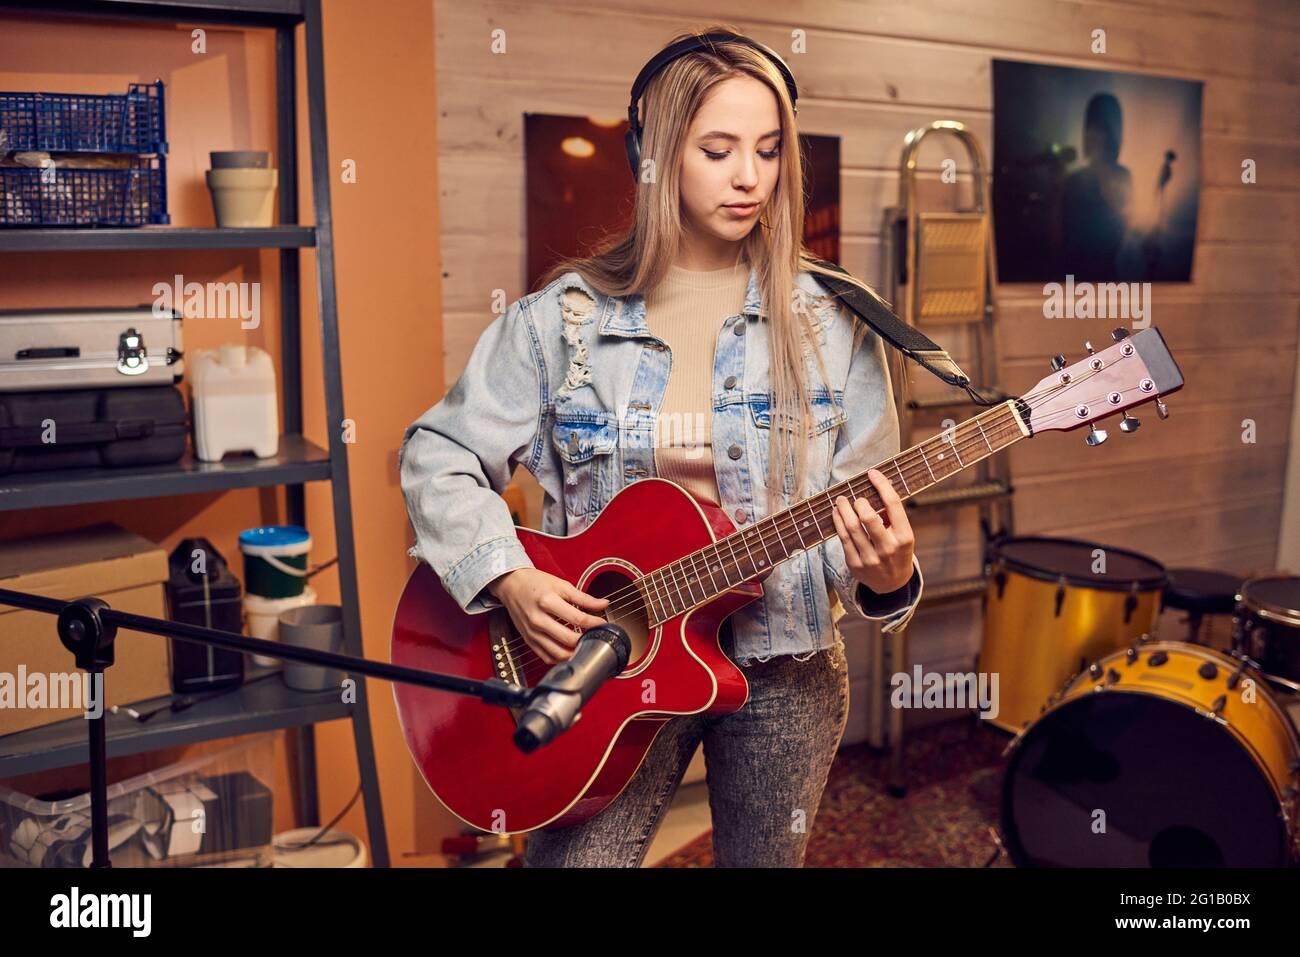 Chica con pelo rubio largo tocando la guitarra eléctrica en el estudio Foto de stock